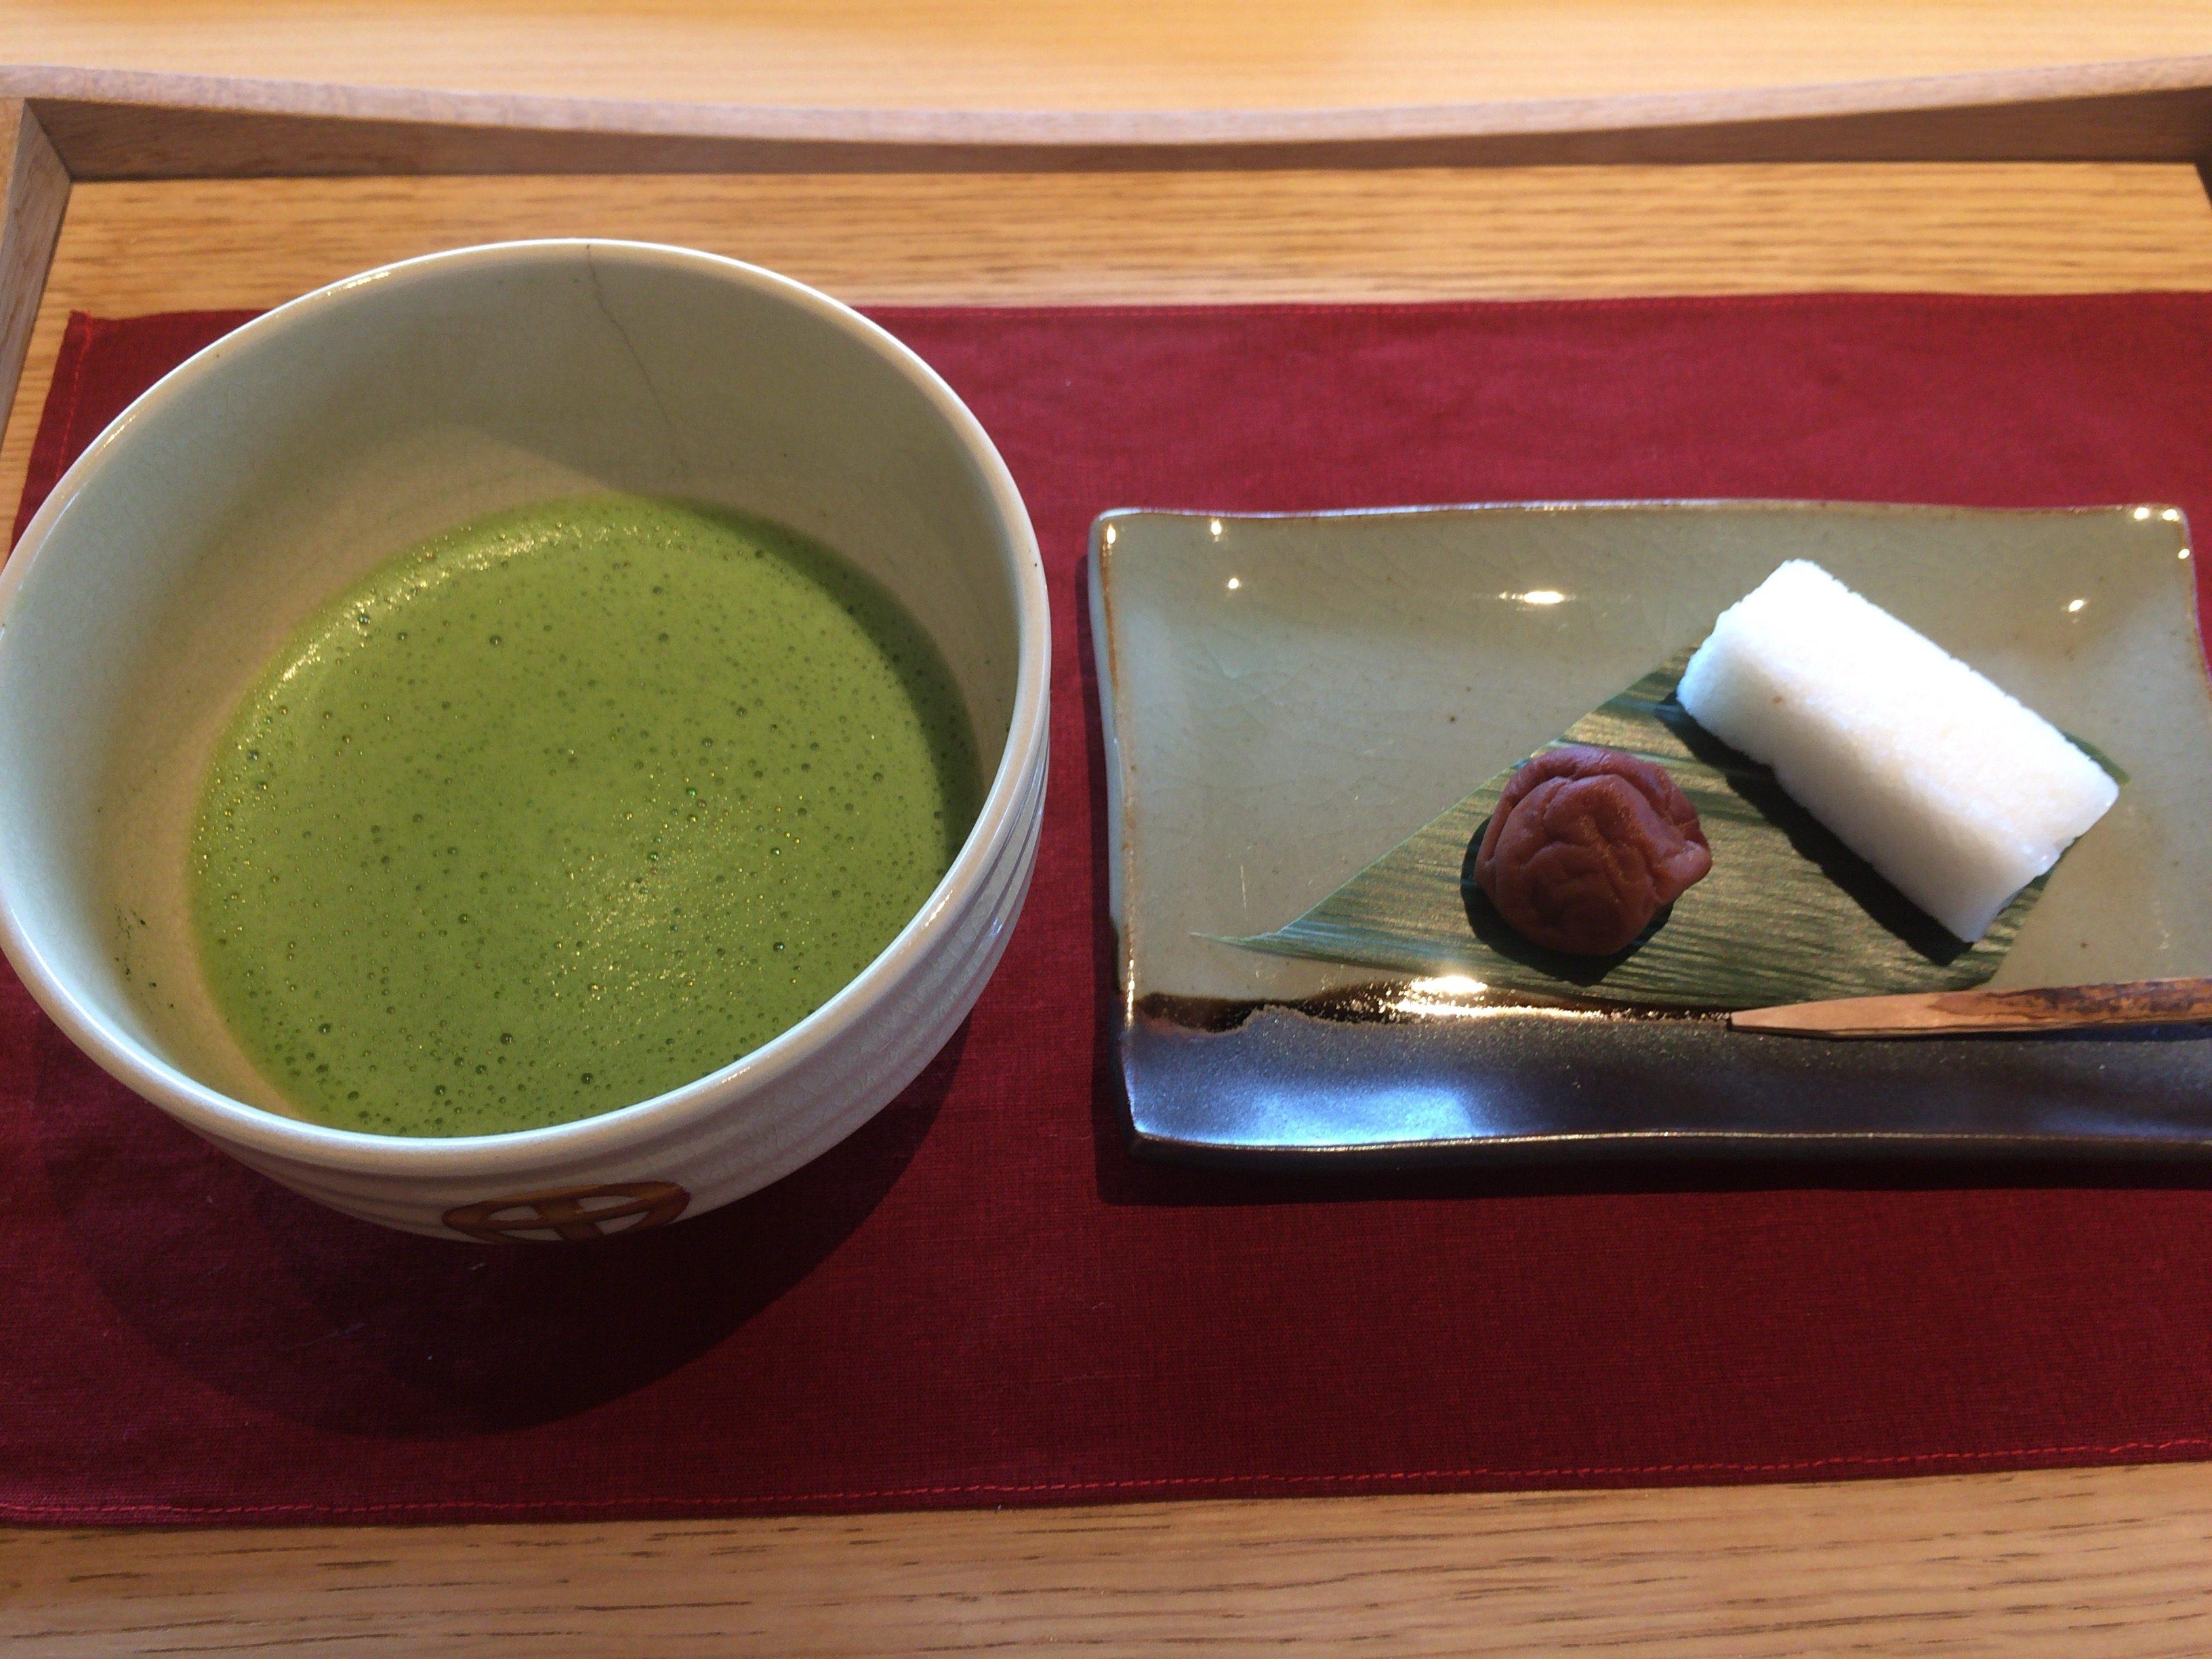 霧島産の抹茶と島津斉彬が作らせた菓子の「かるかん」